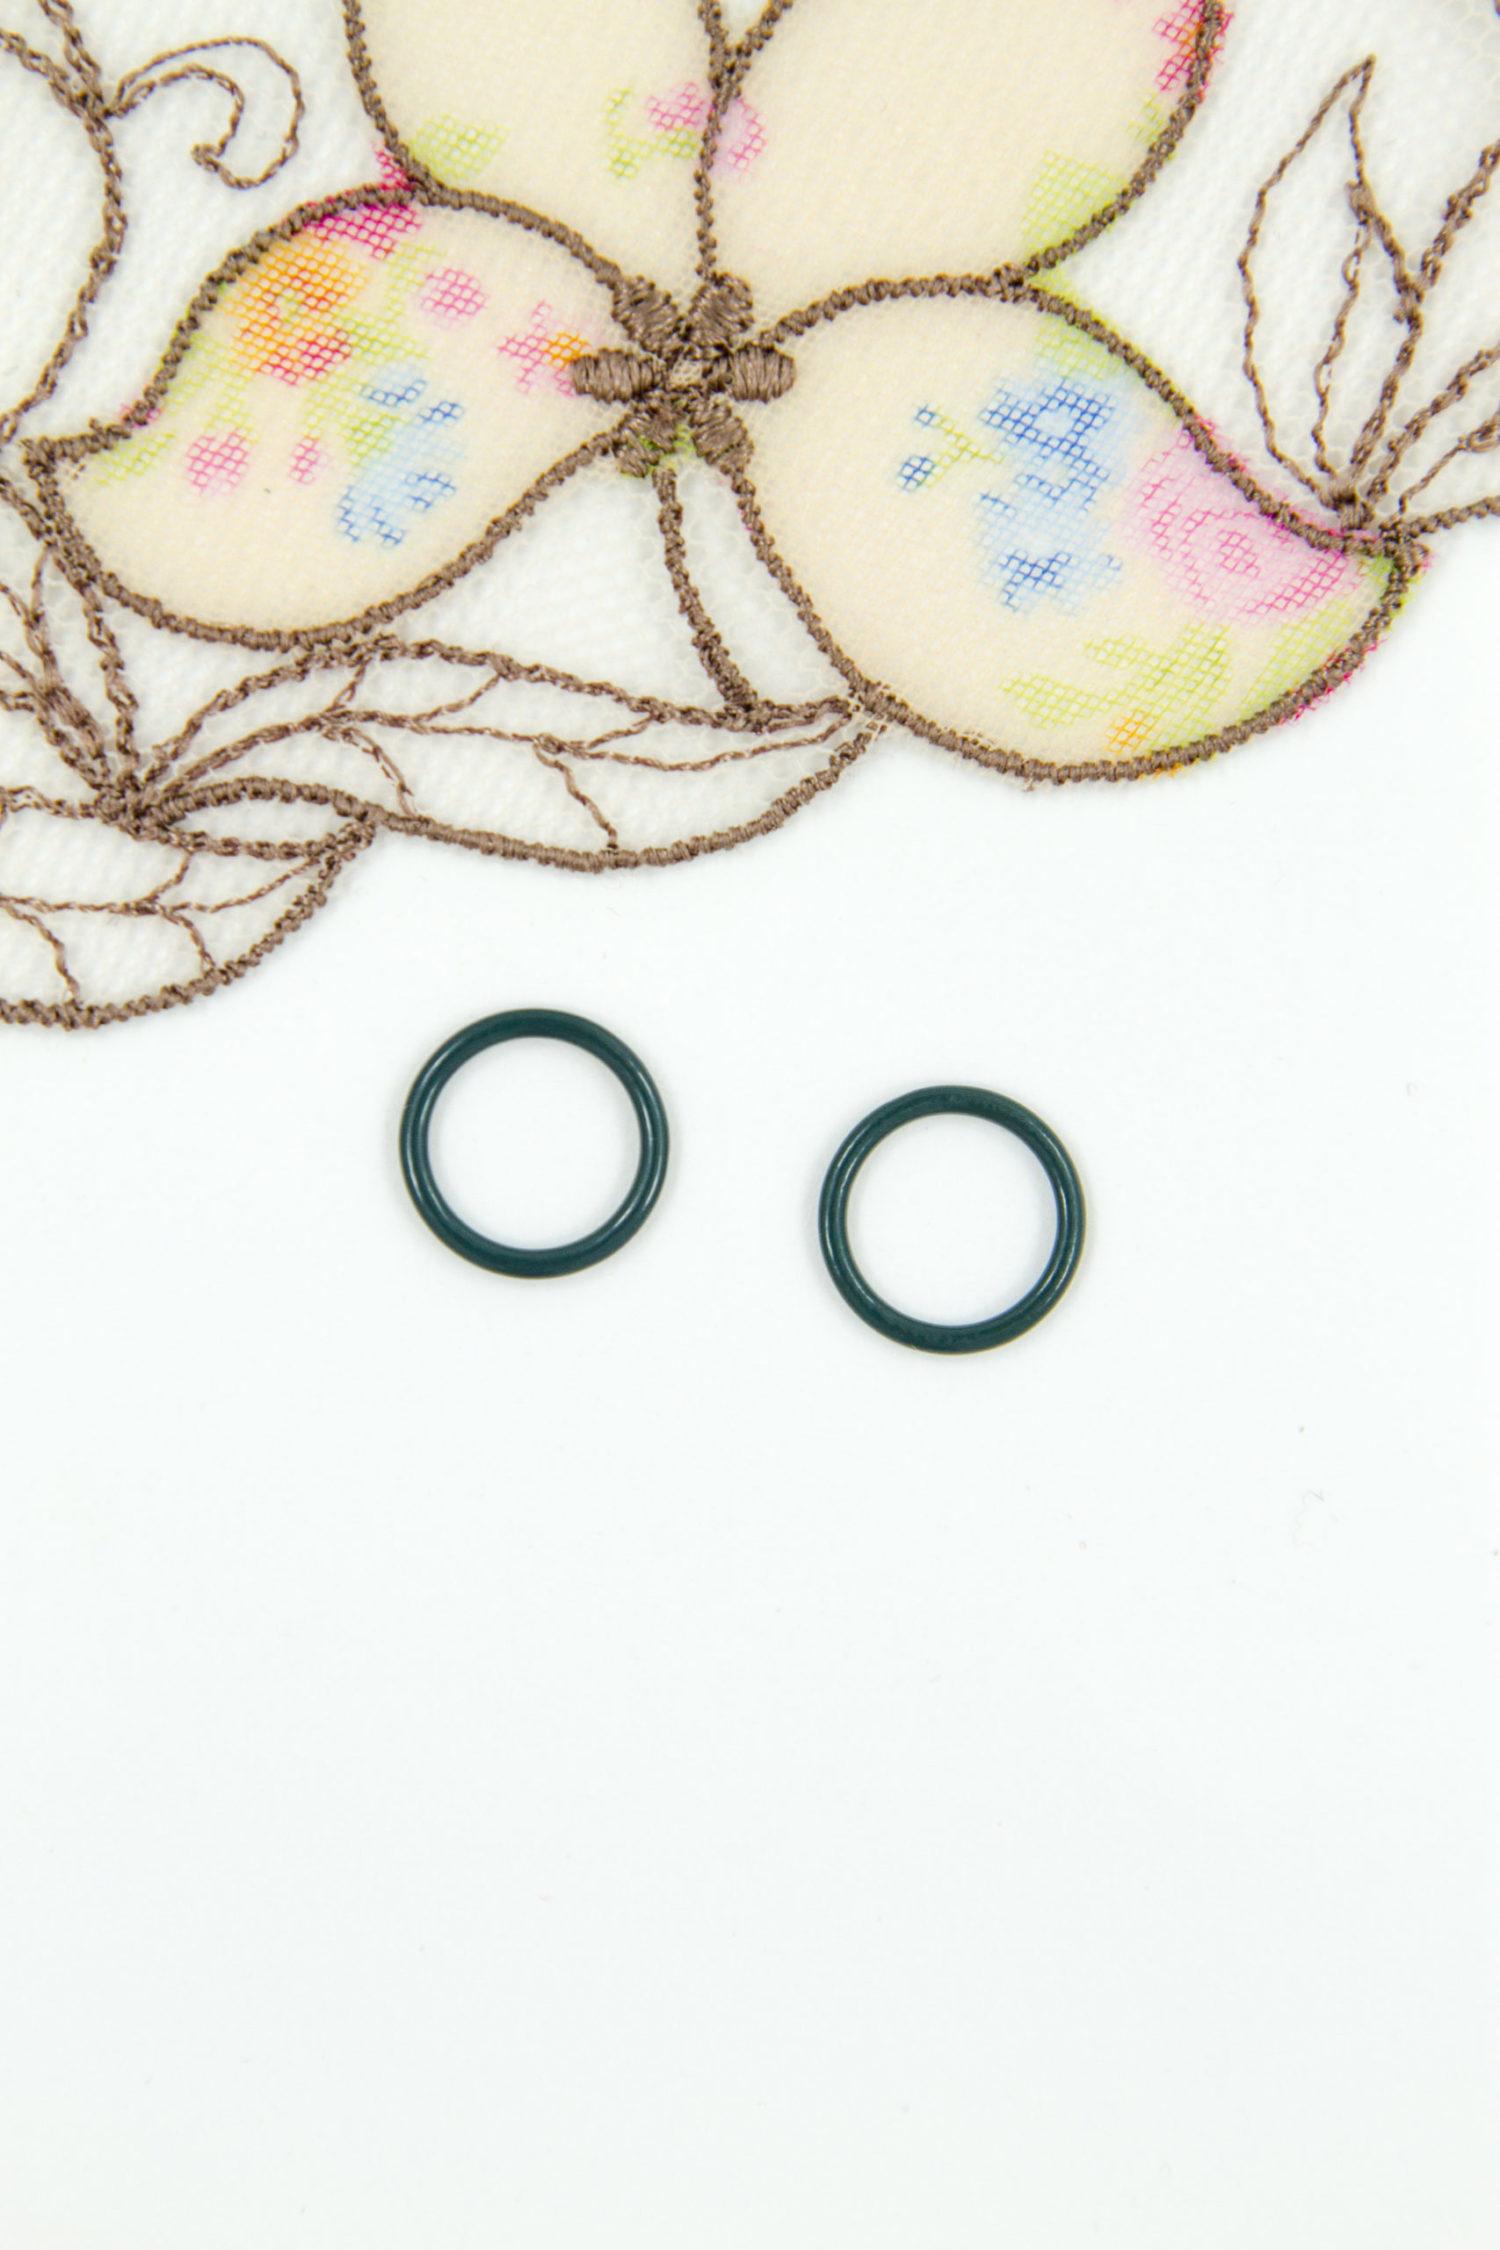 Кольцо металлическое бельевая фурнитура ∅1 см тёмно-зелёный